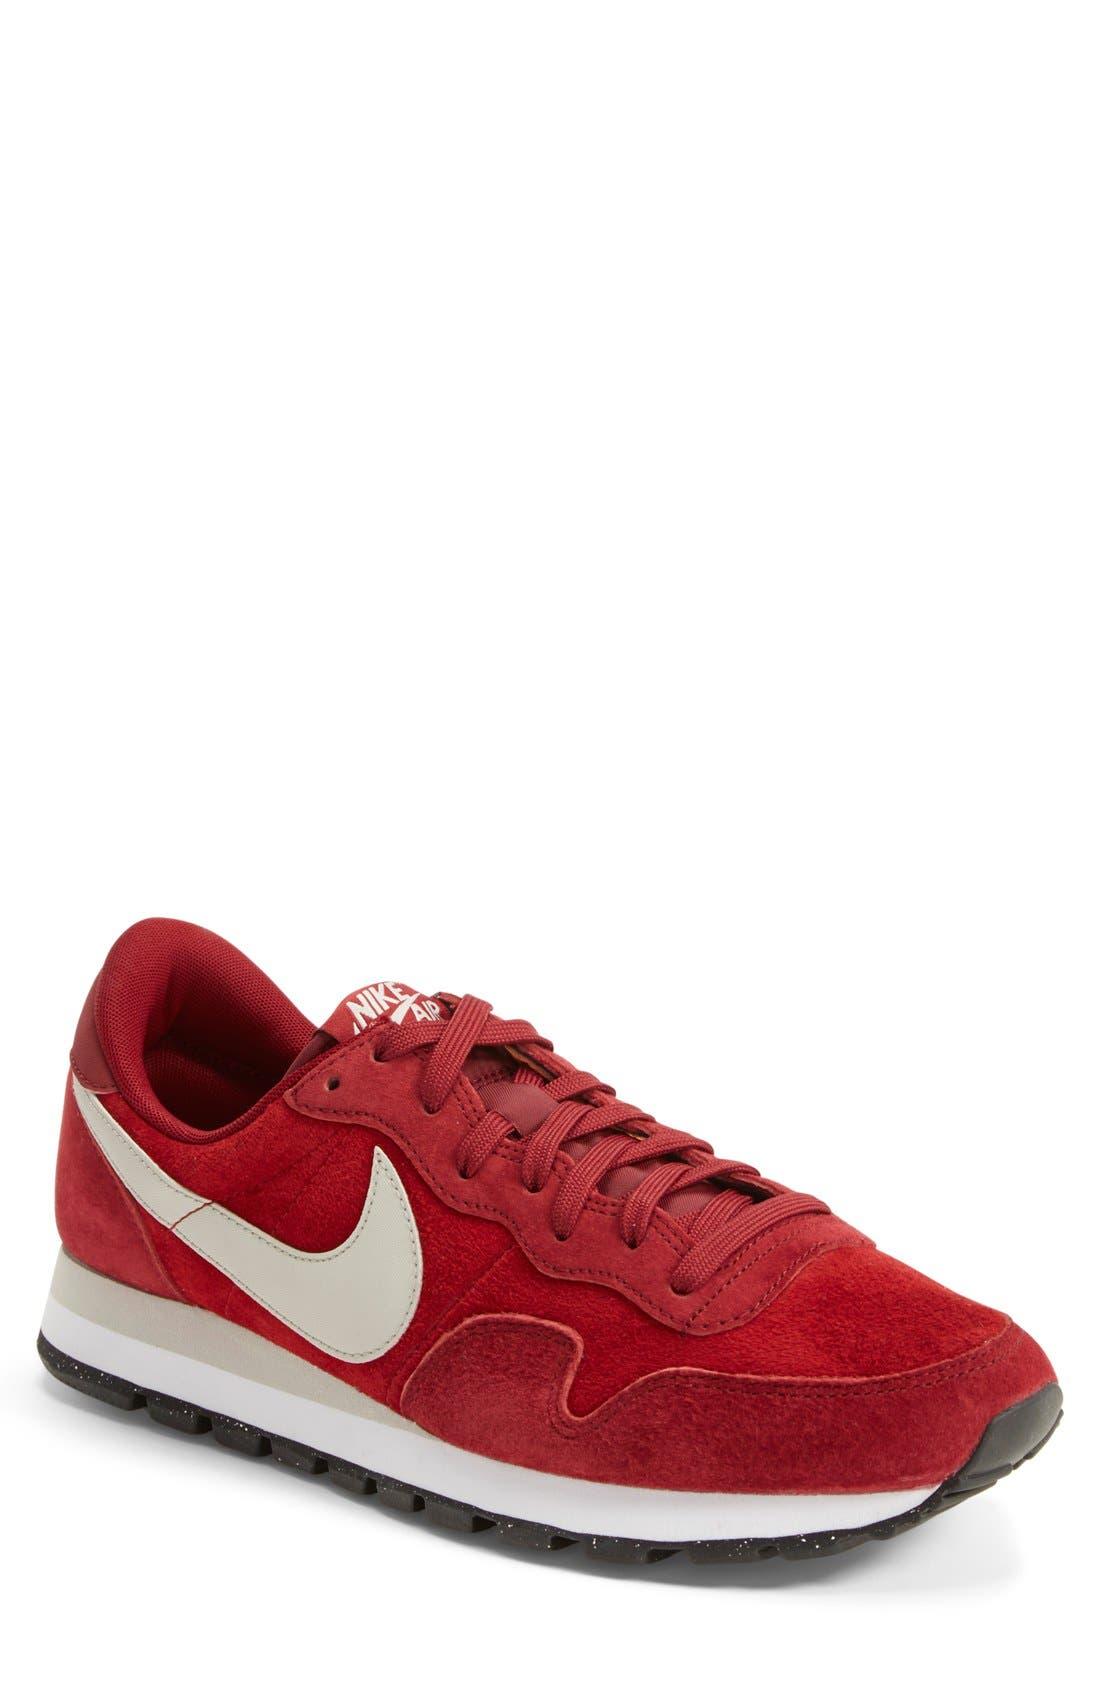 Main Image - Nike 'Air Pegasus 83 LTR' Sneaker (Men)